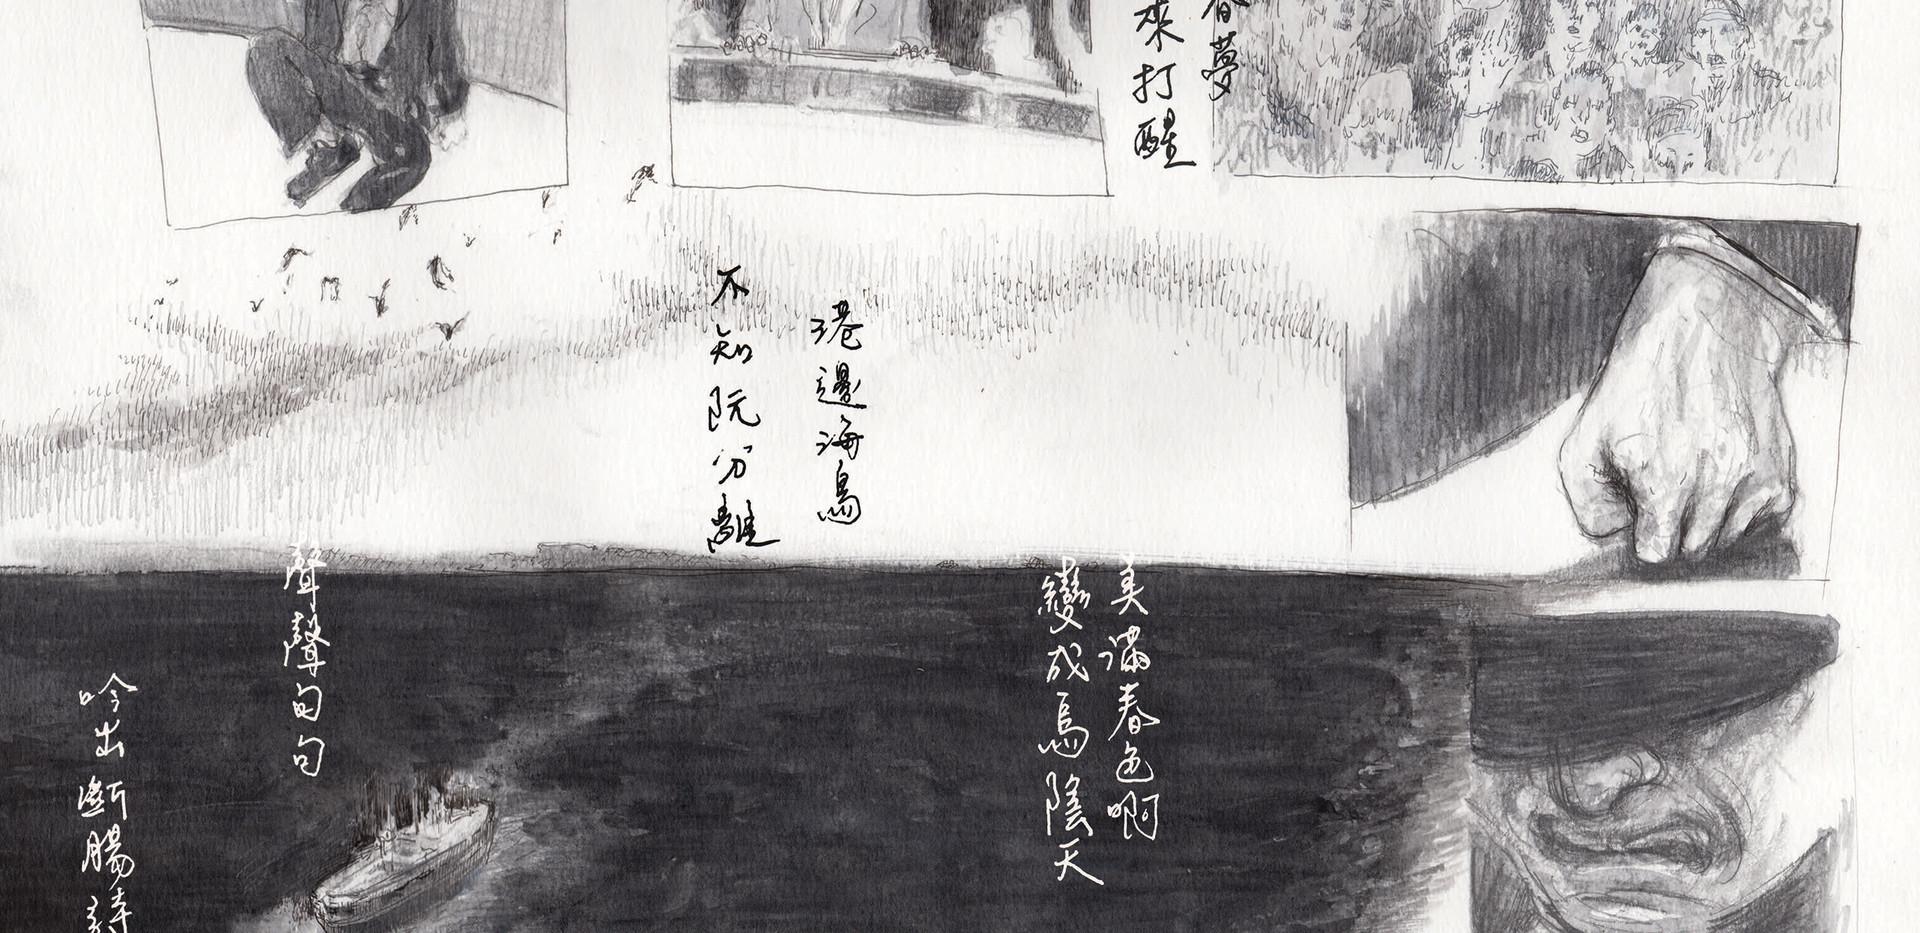 港邊惜別 / Love Story, Love Song p.12-13